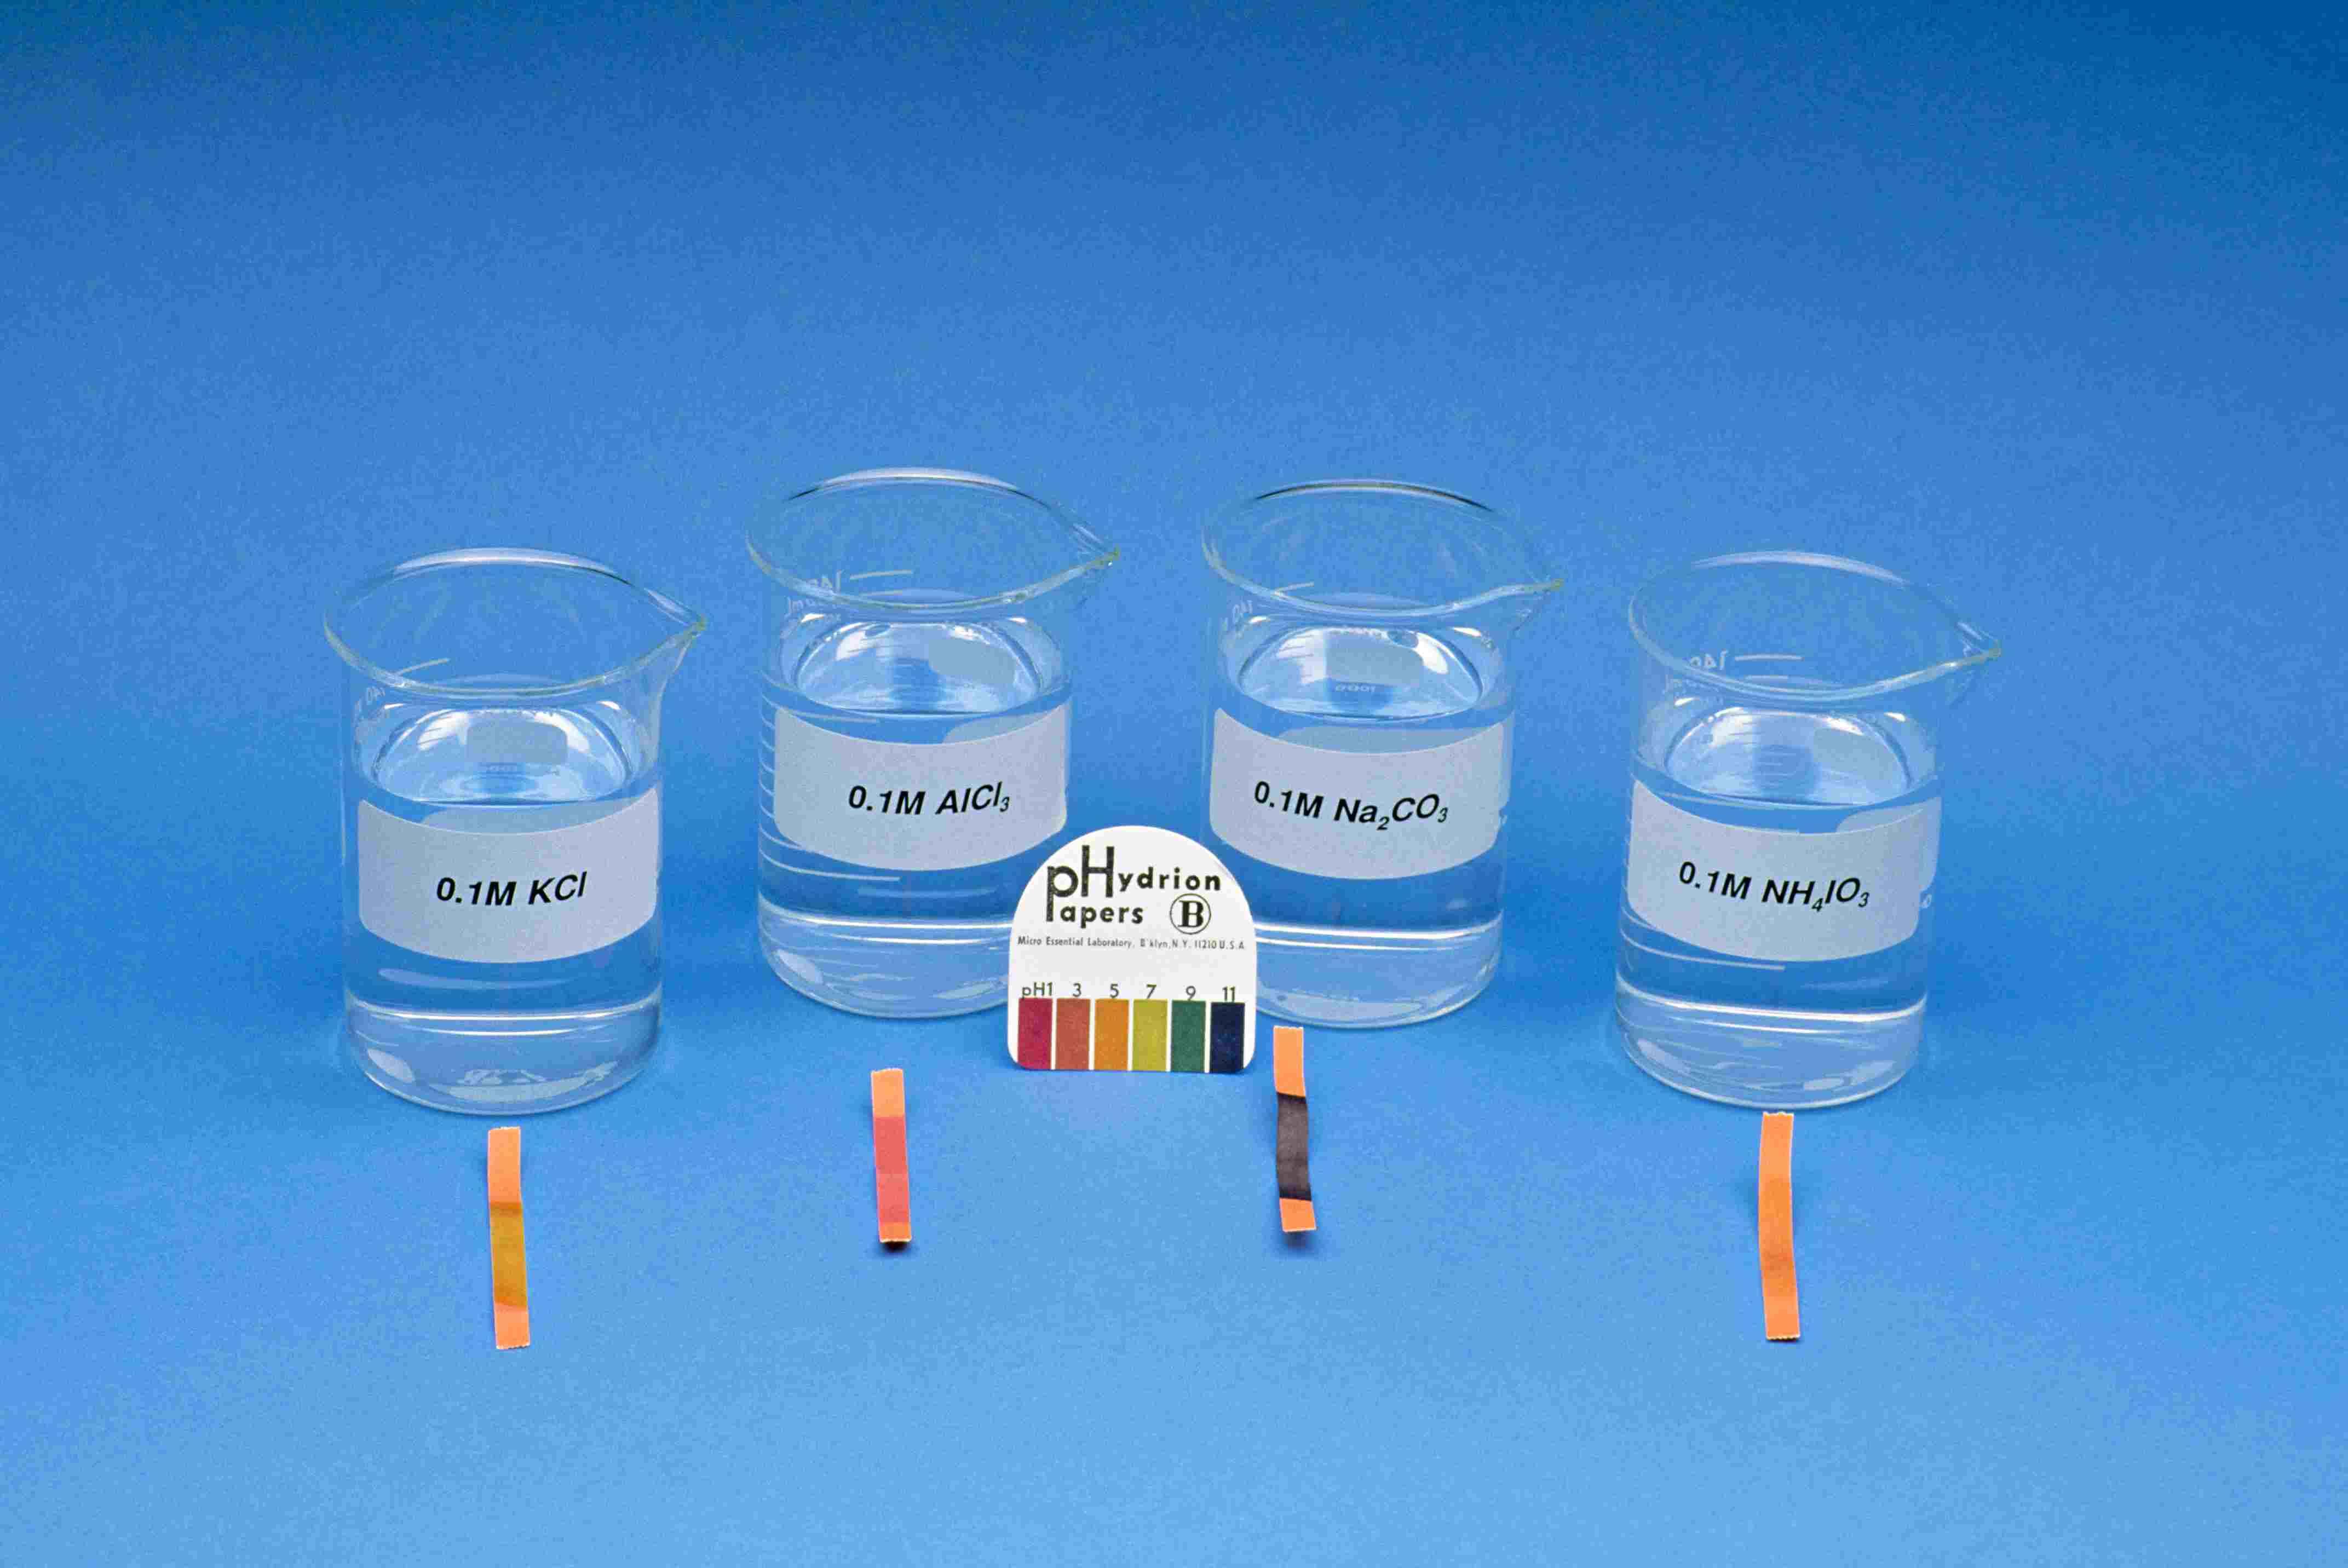 Hydrion Paper indica el pH de varias soluciones ácidas y básicas.  El papel de pH muestra que el pH de las soluciones salinas puede variar según la fuerza de sus ácidos y bases.